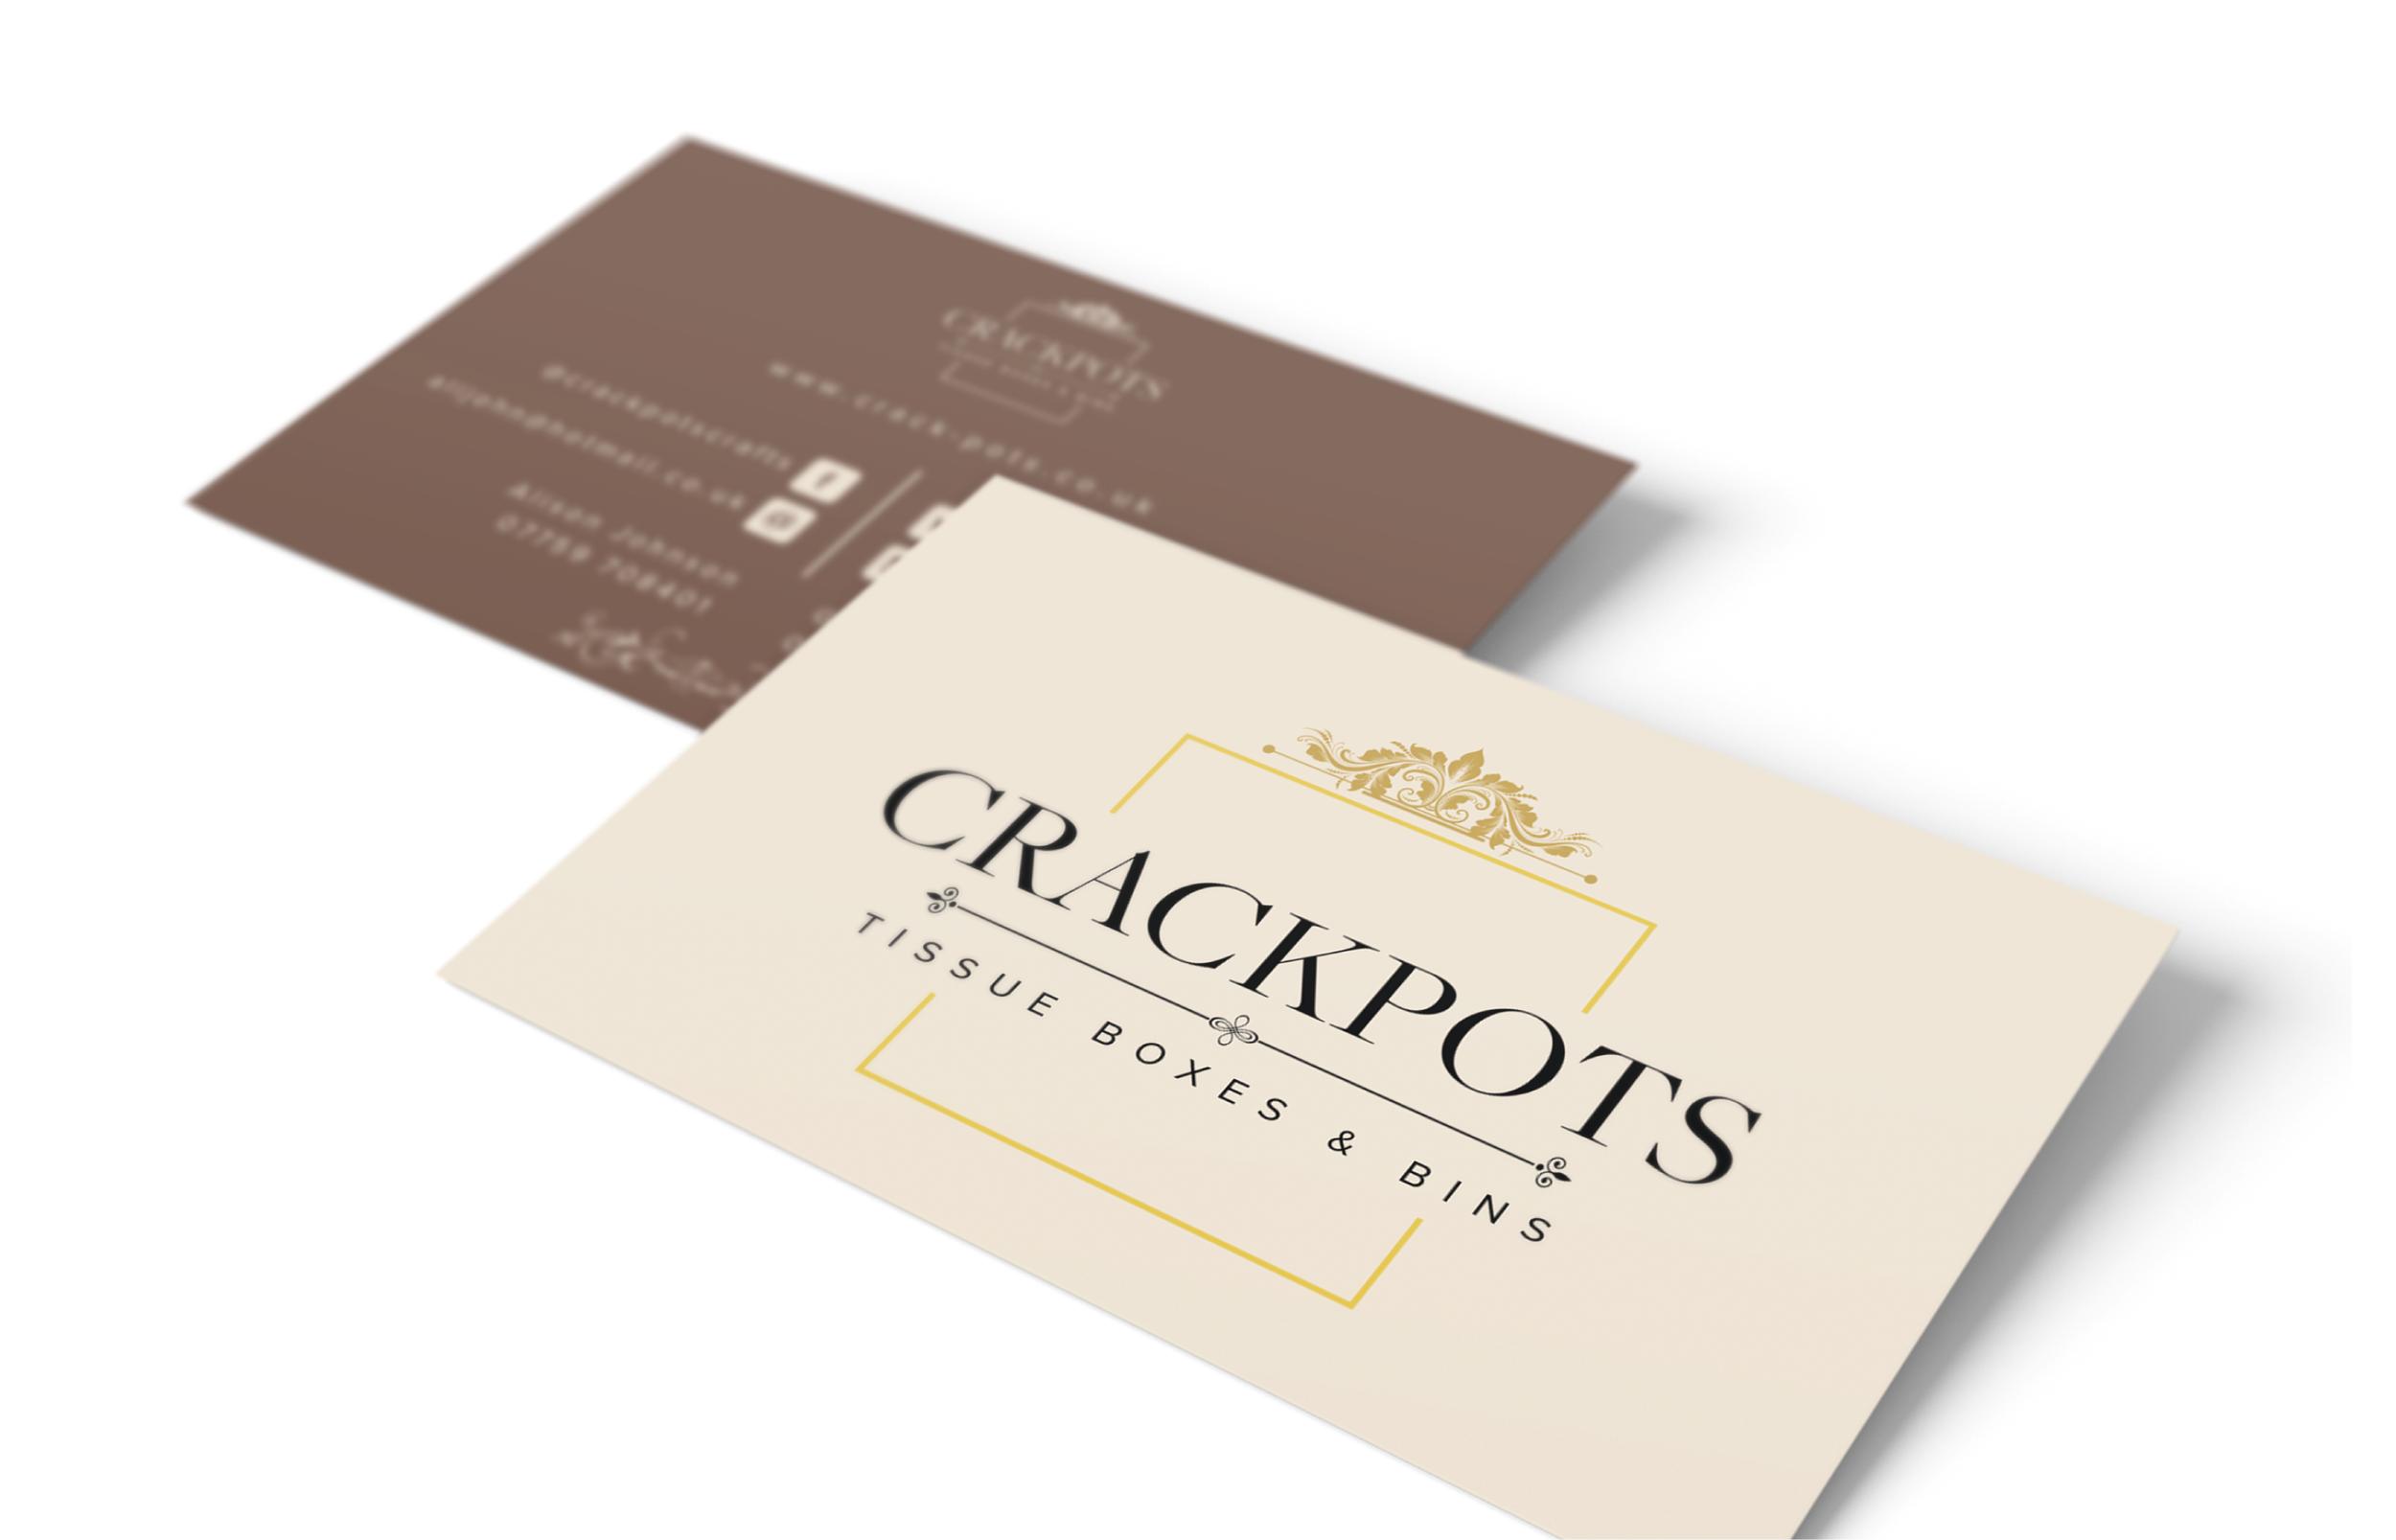 Crackpots Business Card Design